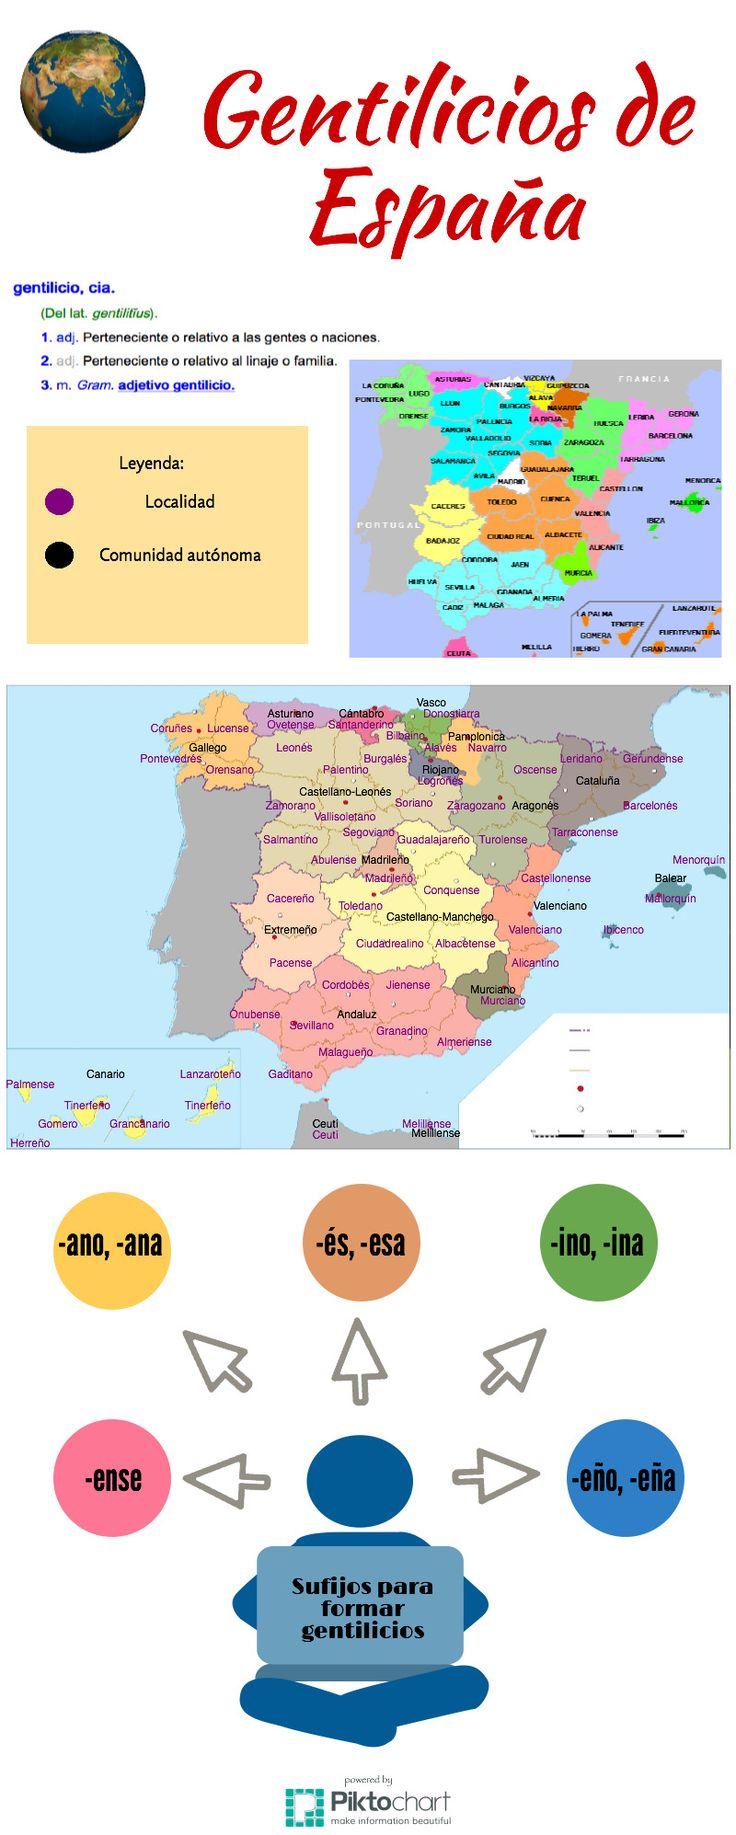 Gentilicios de España, por Clara Cordero, @agorabierta